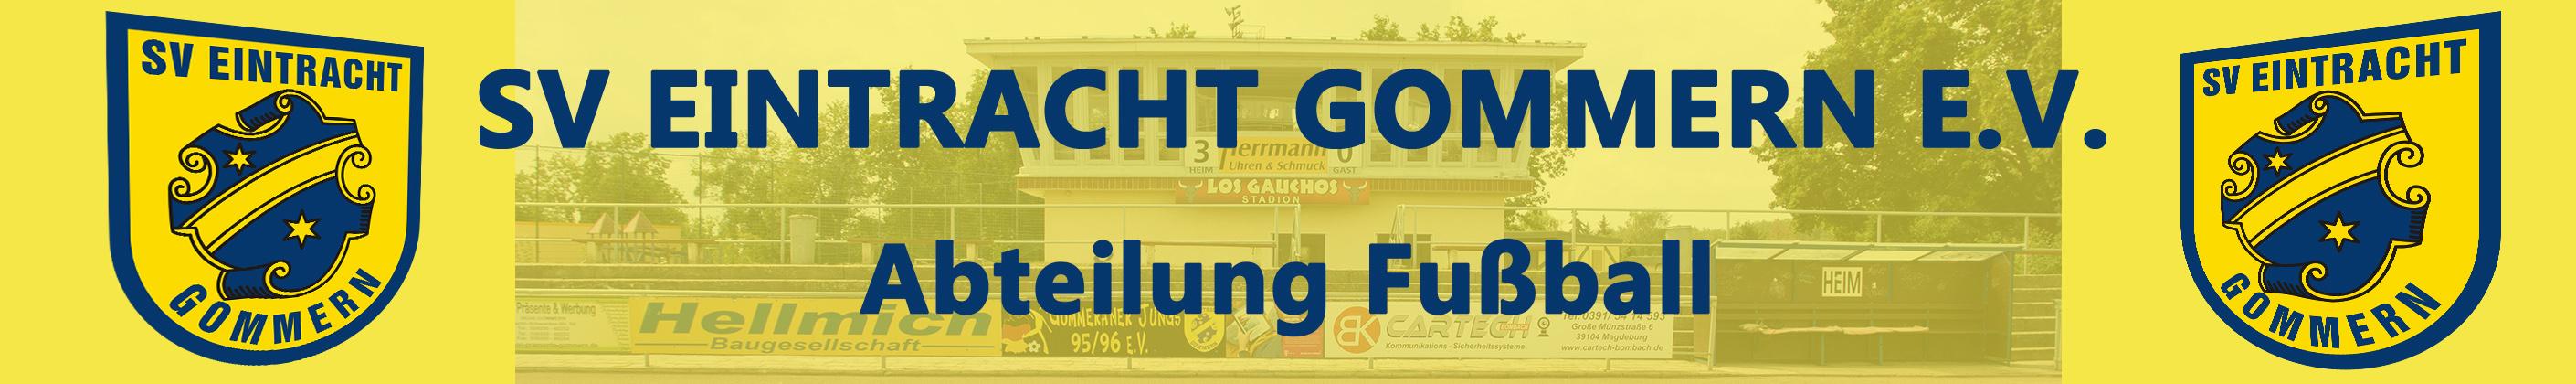 Eintracht Gommern Abt Fussball